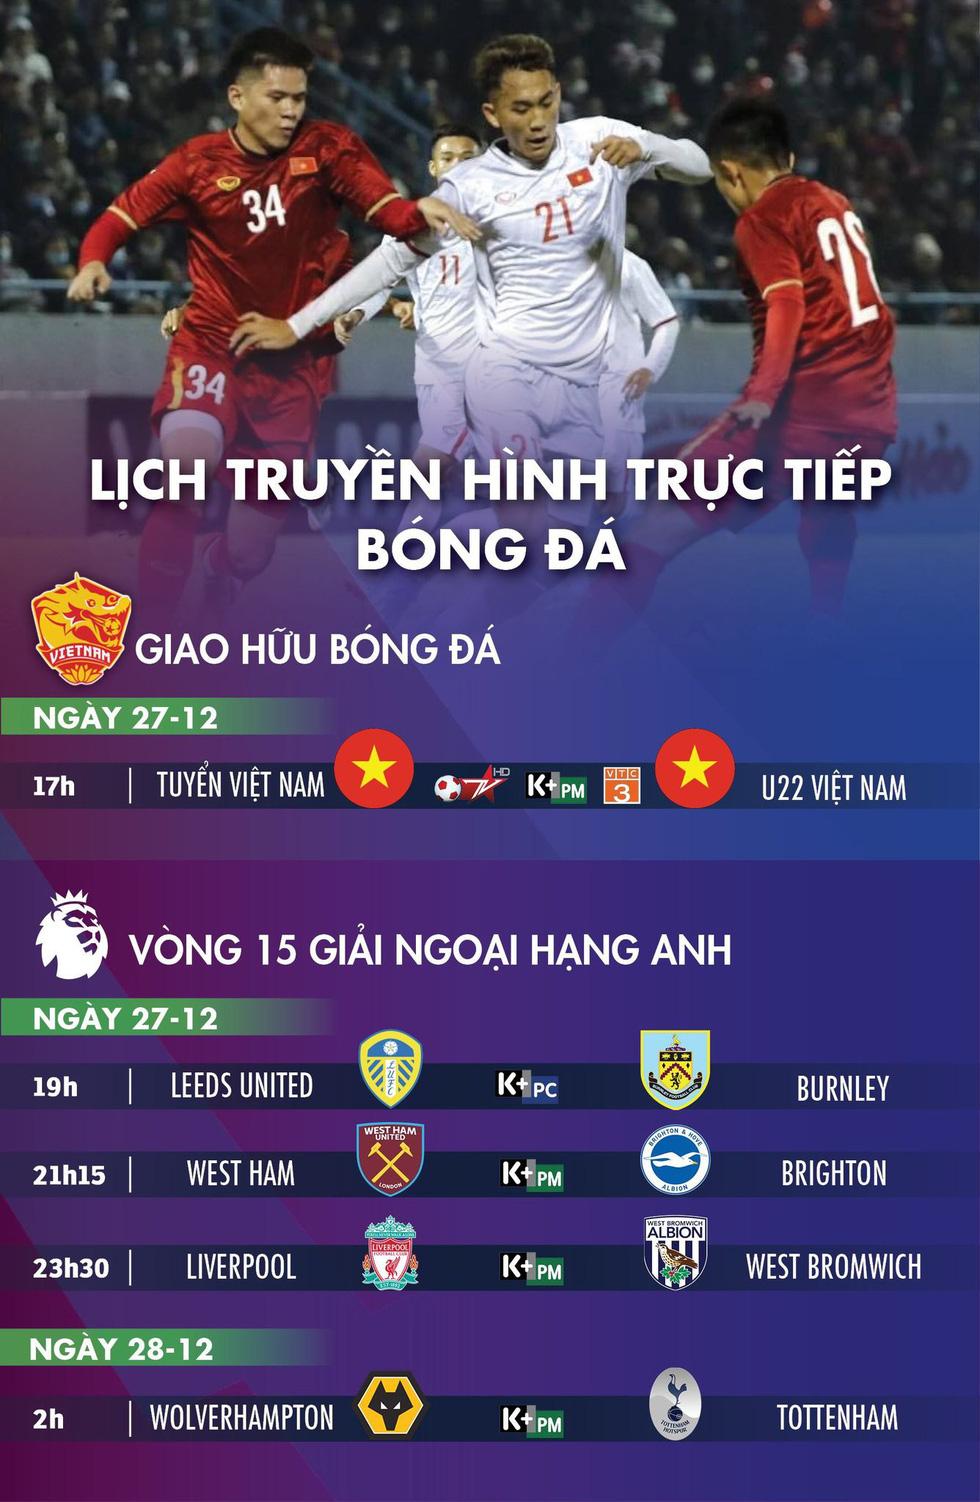 Lịch trực tiếp bóng đá 27-12: Tuyển VN - U22 VN, Tottenham và Liverpool ra sân - Ảnh 1.